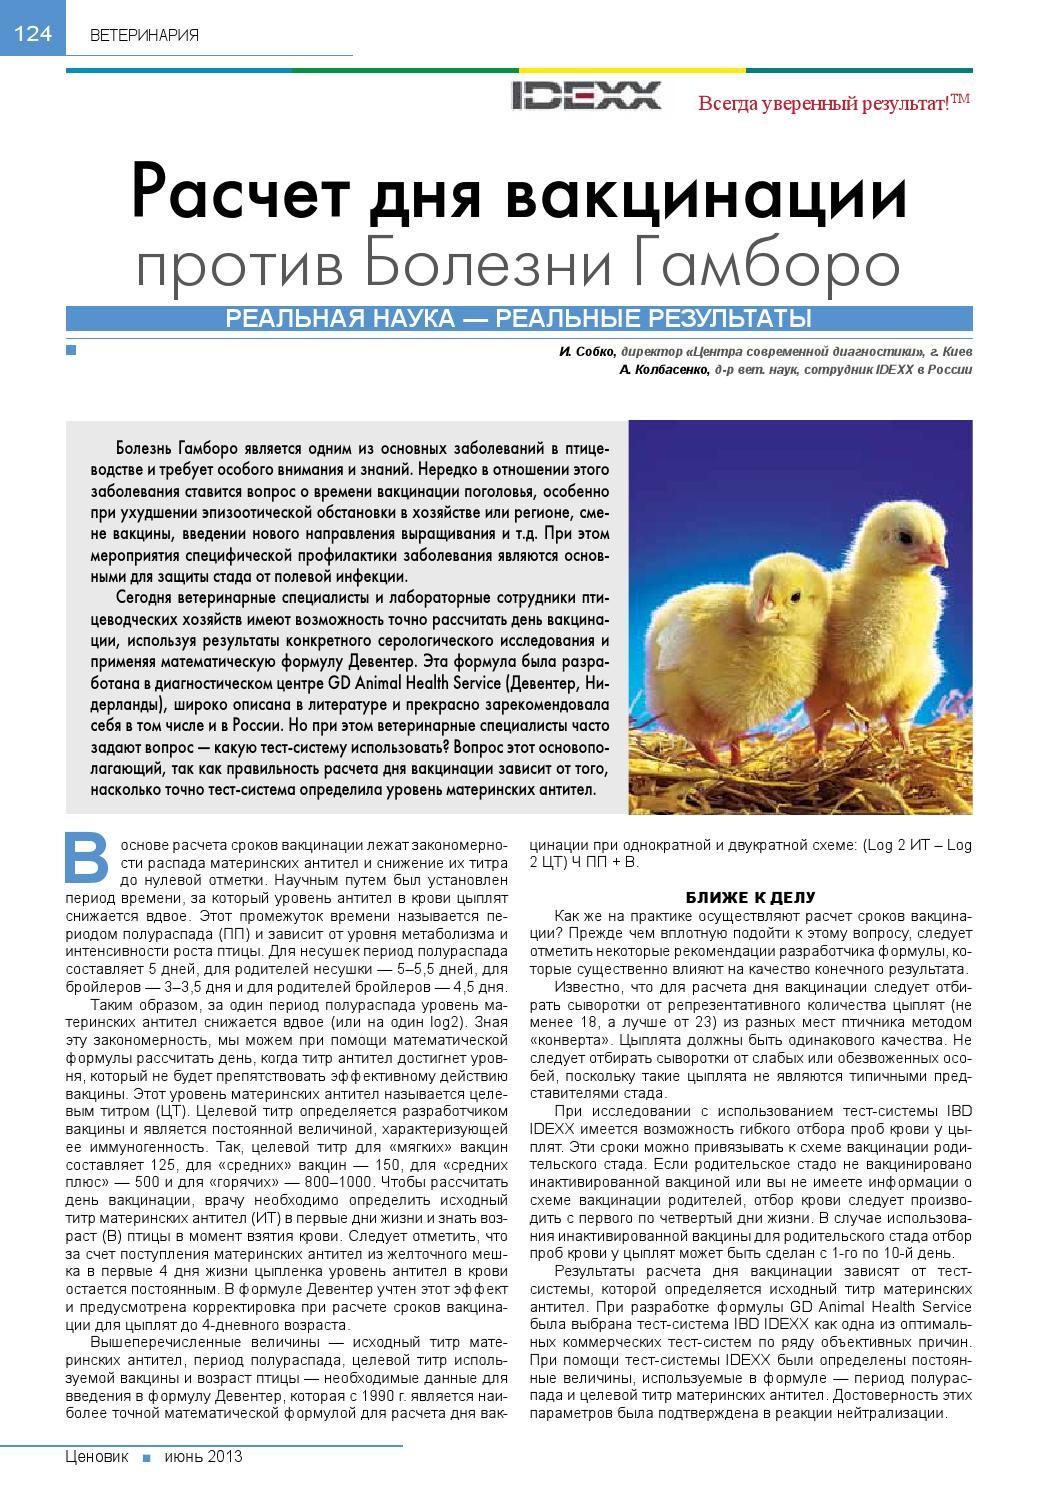 Вакцинация цыплят и кур в домашних условиях: как правильно развести вакцину и делать укол